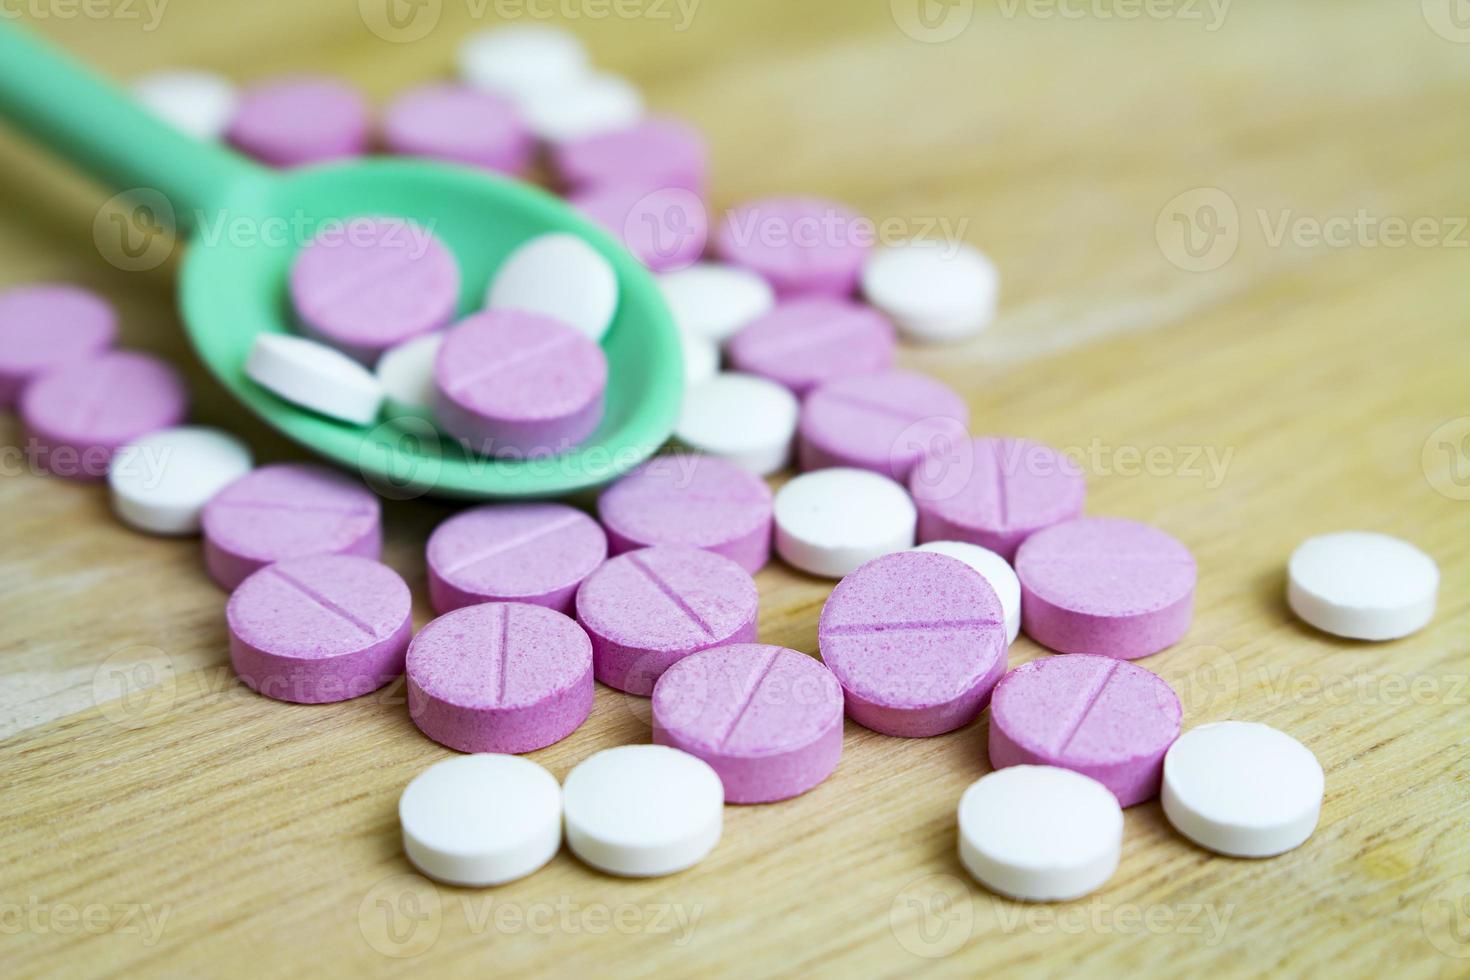 grupp läkemedel på en sked och träplatta foto